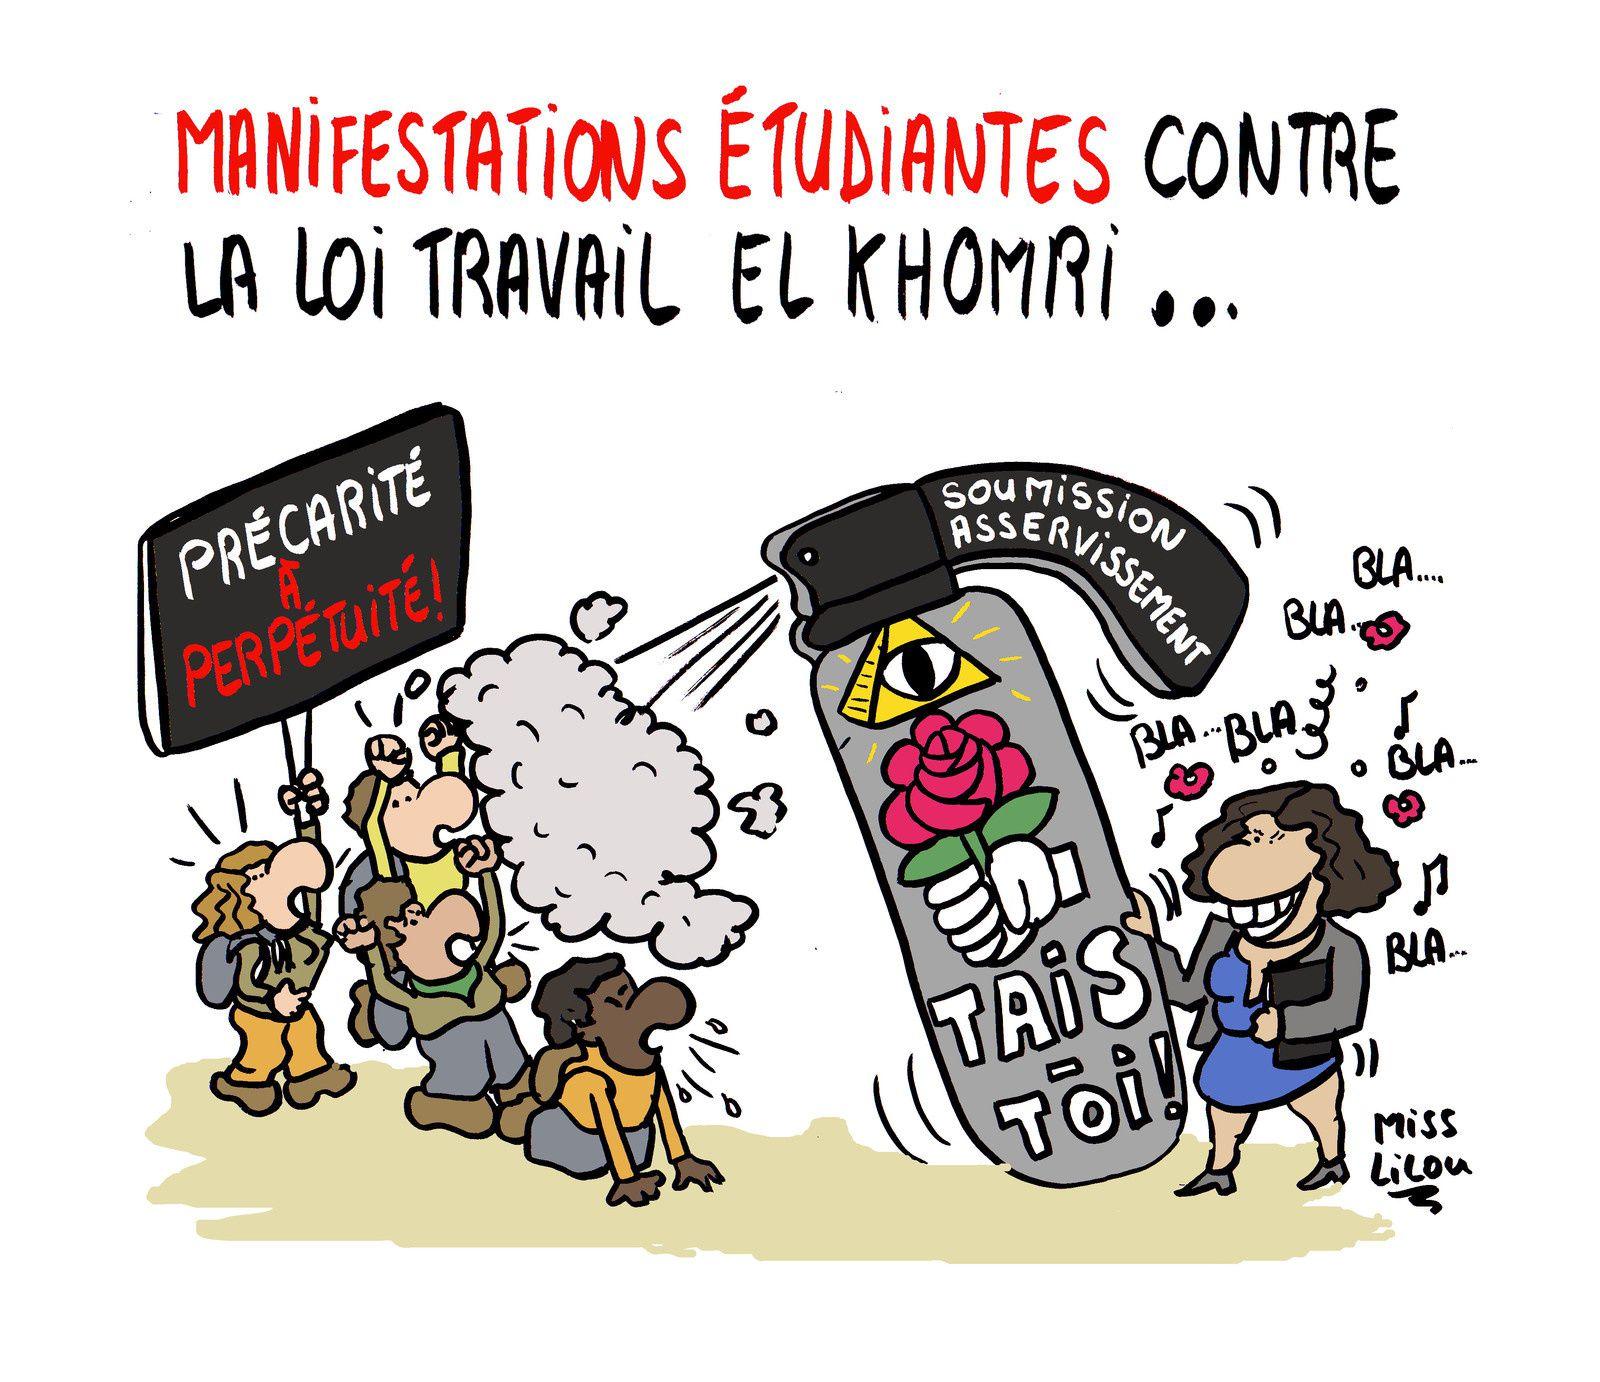 Manifestations étudiantes contre la Loi Travail El Khomri...